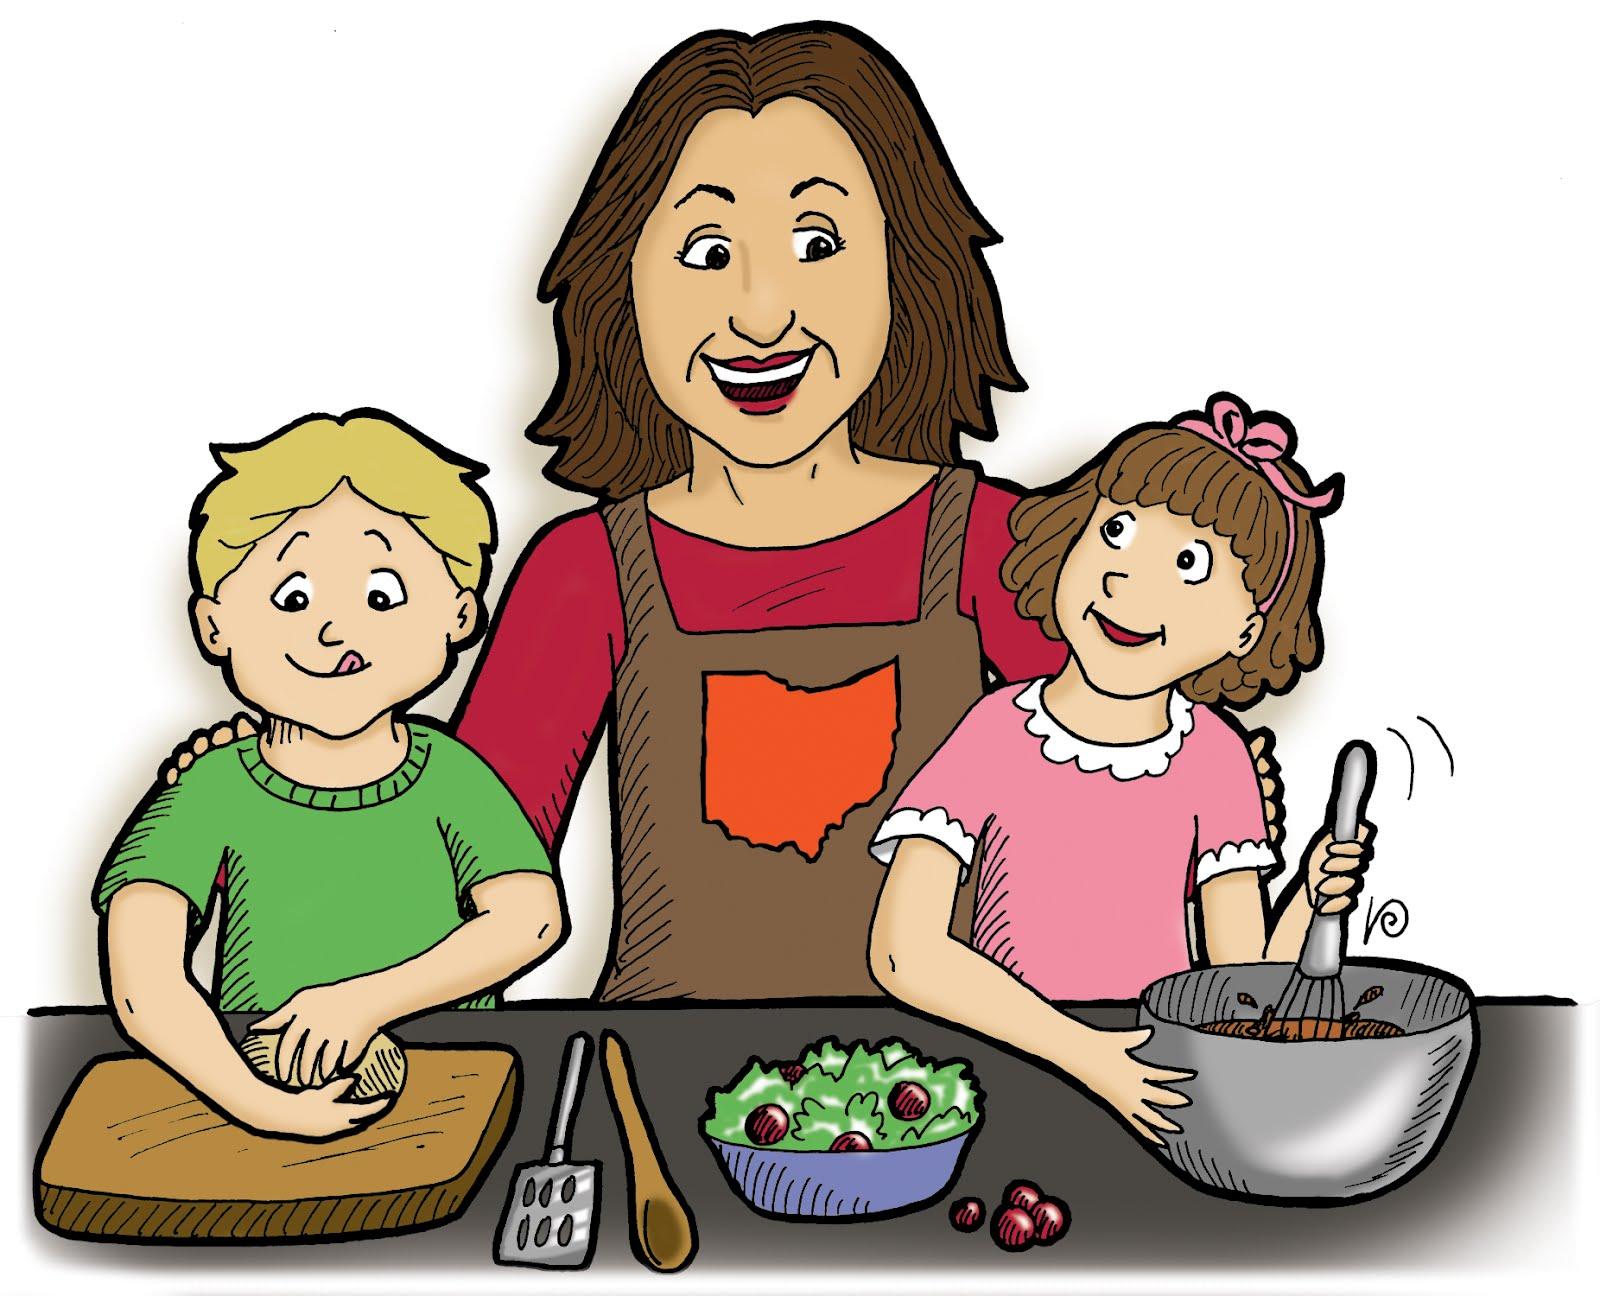 Gambar Kartun Anak Membantu Orang Tua